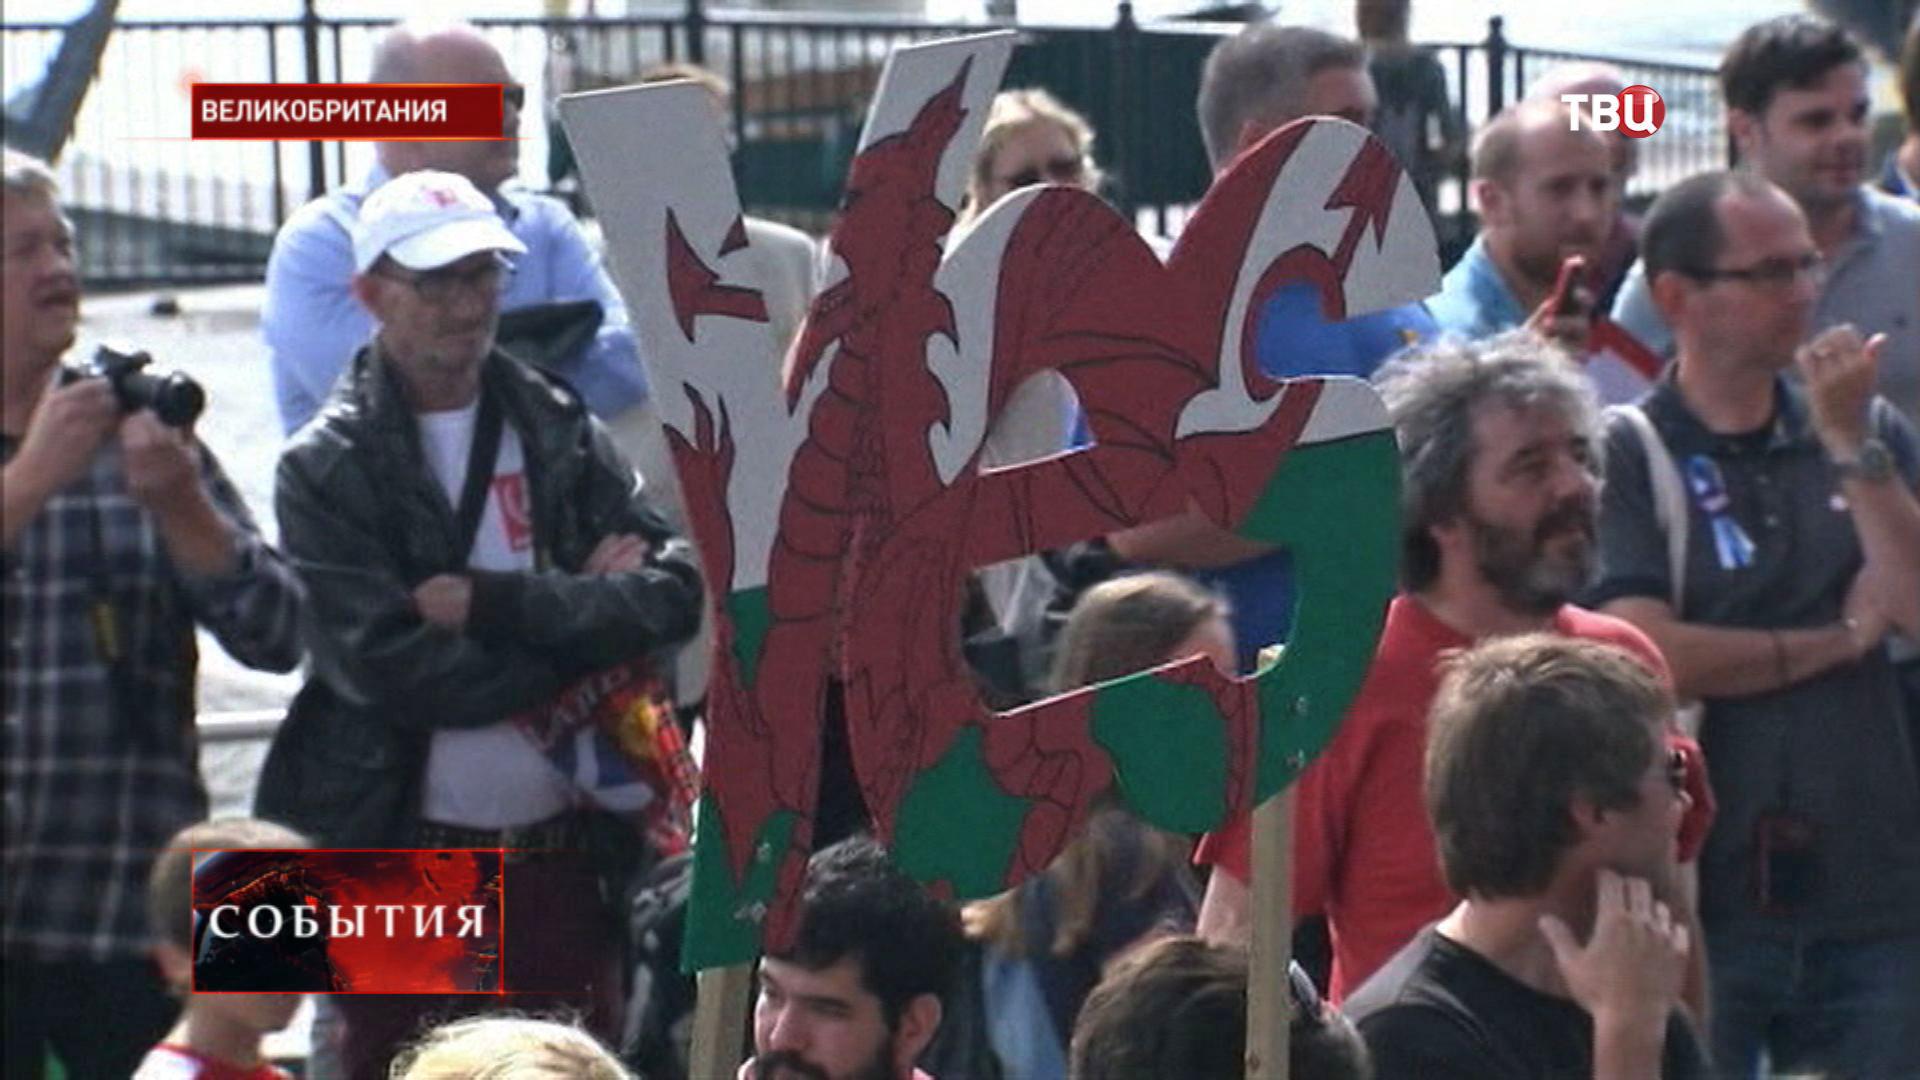 Акция протеста в Великобритании